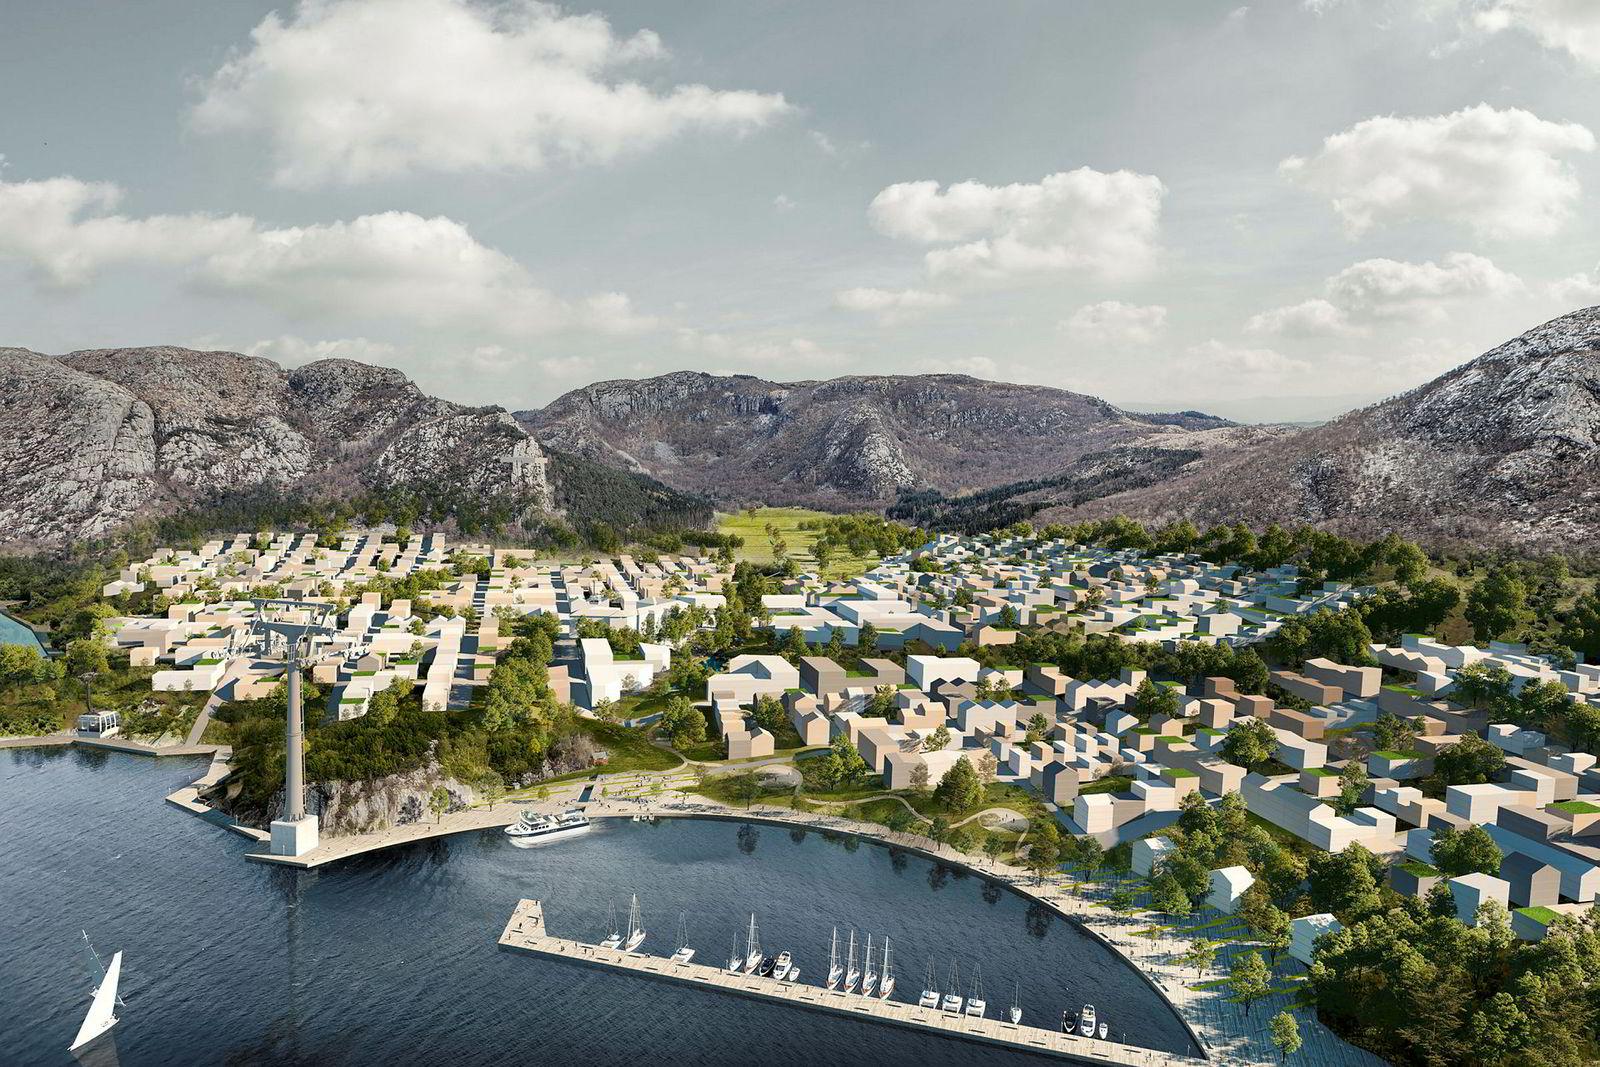 Slik ser byutviklingsplanene ut sett fra fjorden. Gondolbane-tårnet nede til venstre. Hovedbygningen fra det gamle psykiatriske sykehuset, som i dag ligger over bukten midt i bildet, er borte i planene.